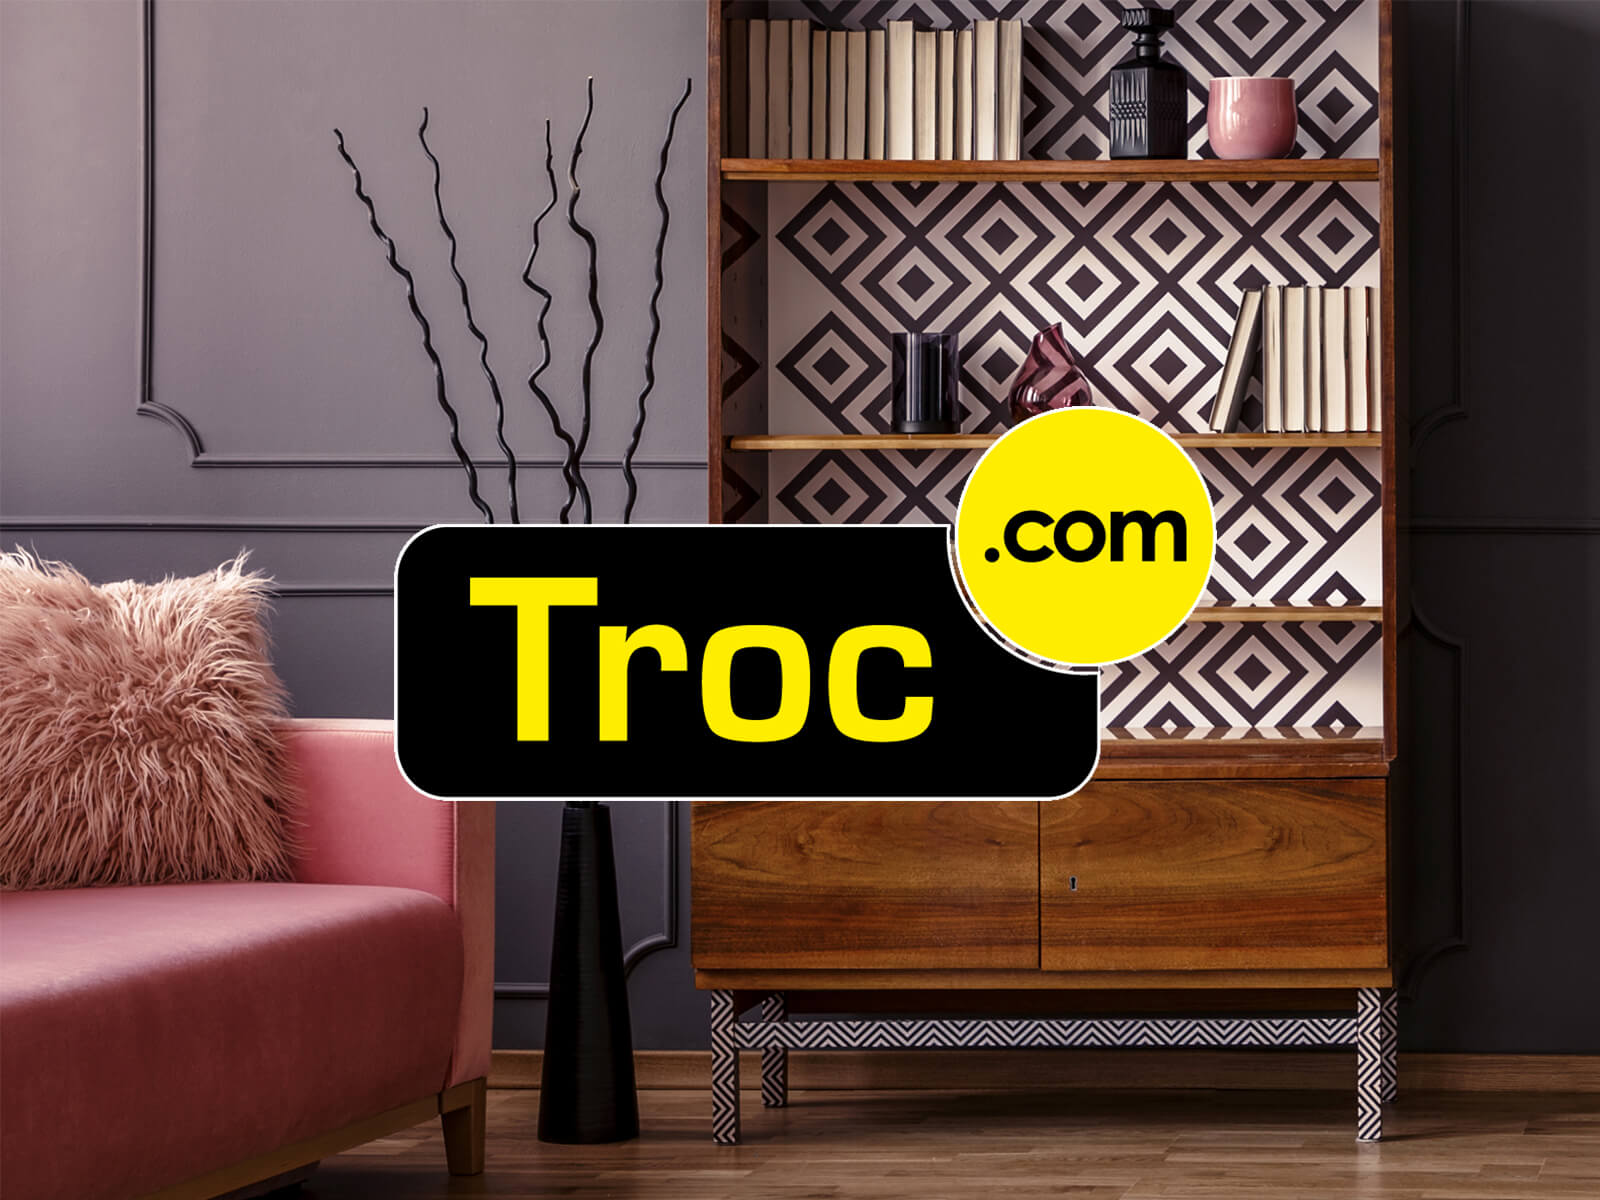 Achat Meubles Doccasion Et Mobilier Professionnel Sur Troccom